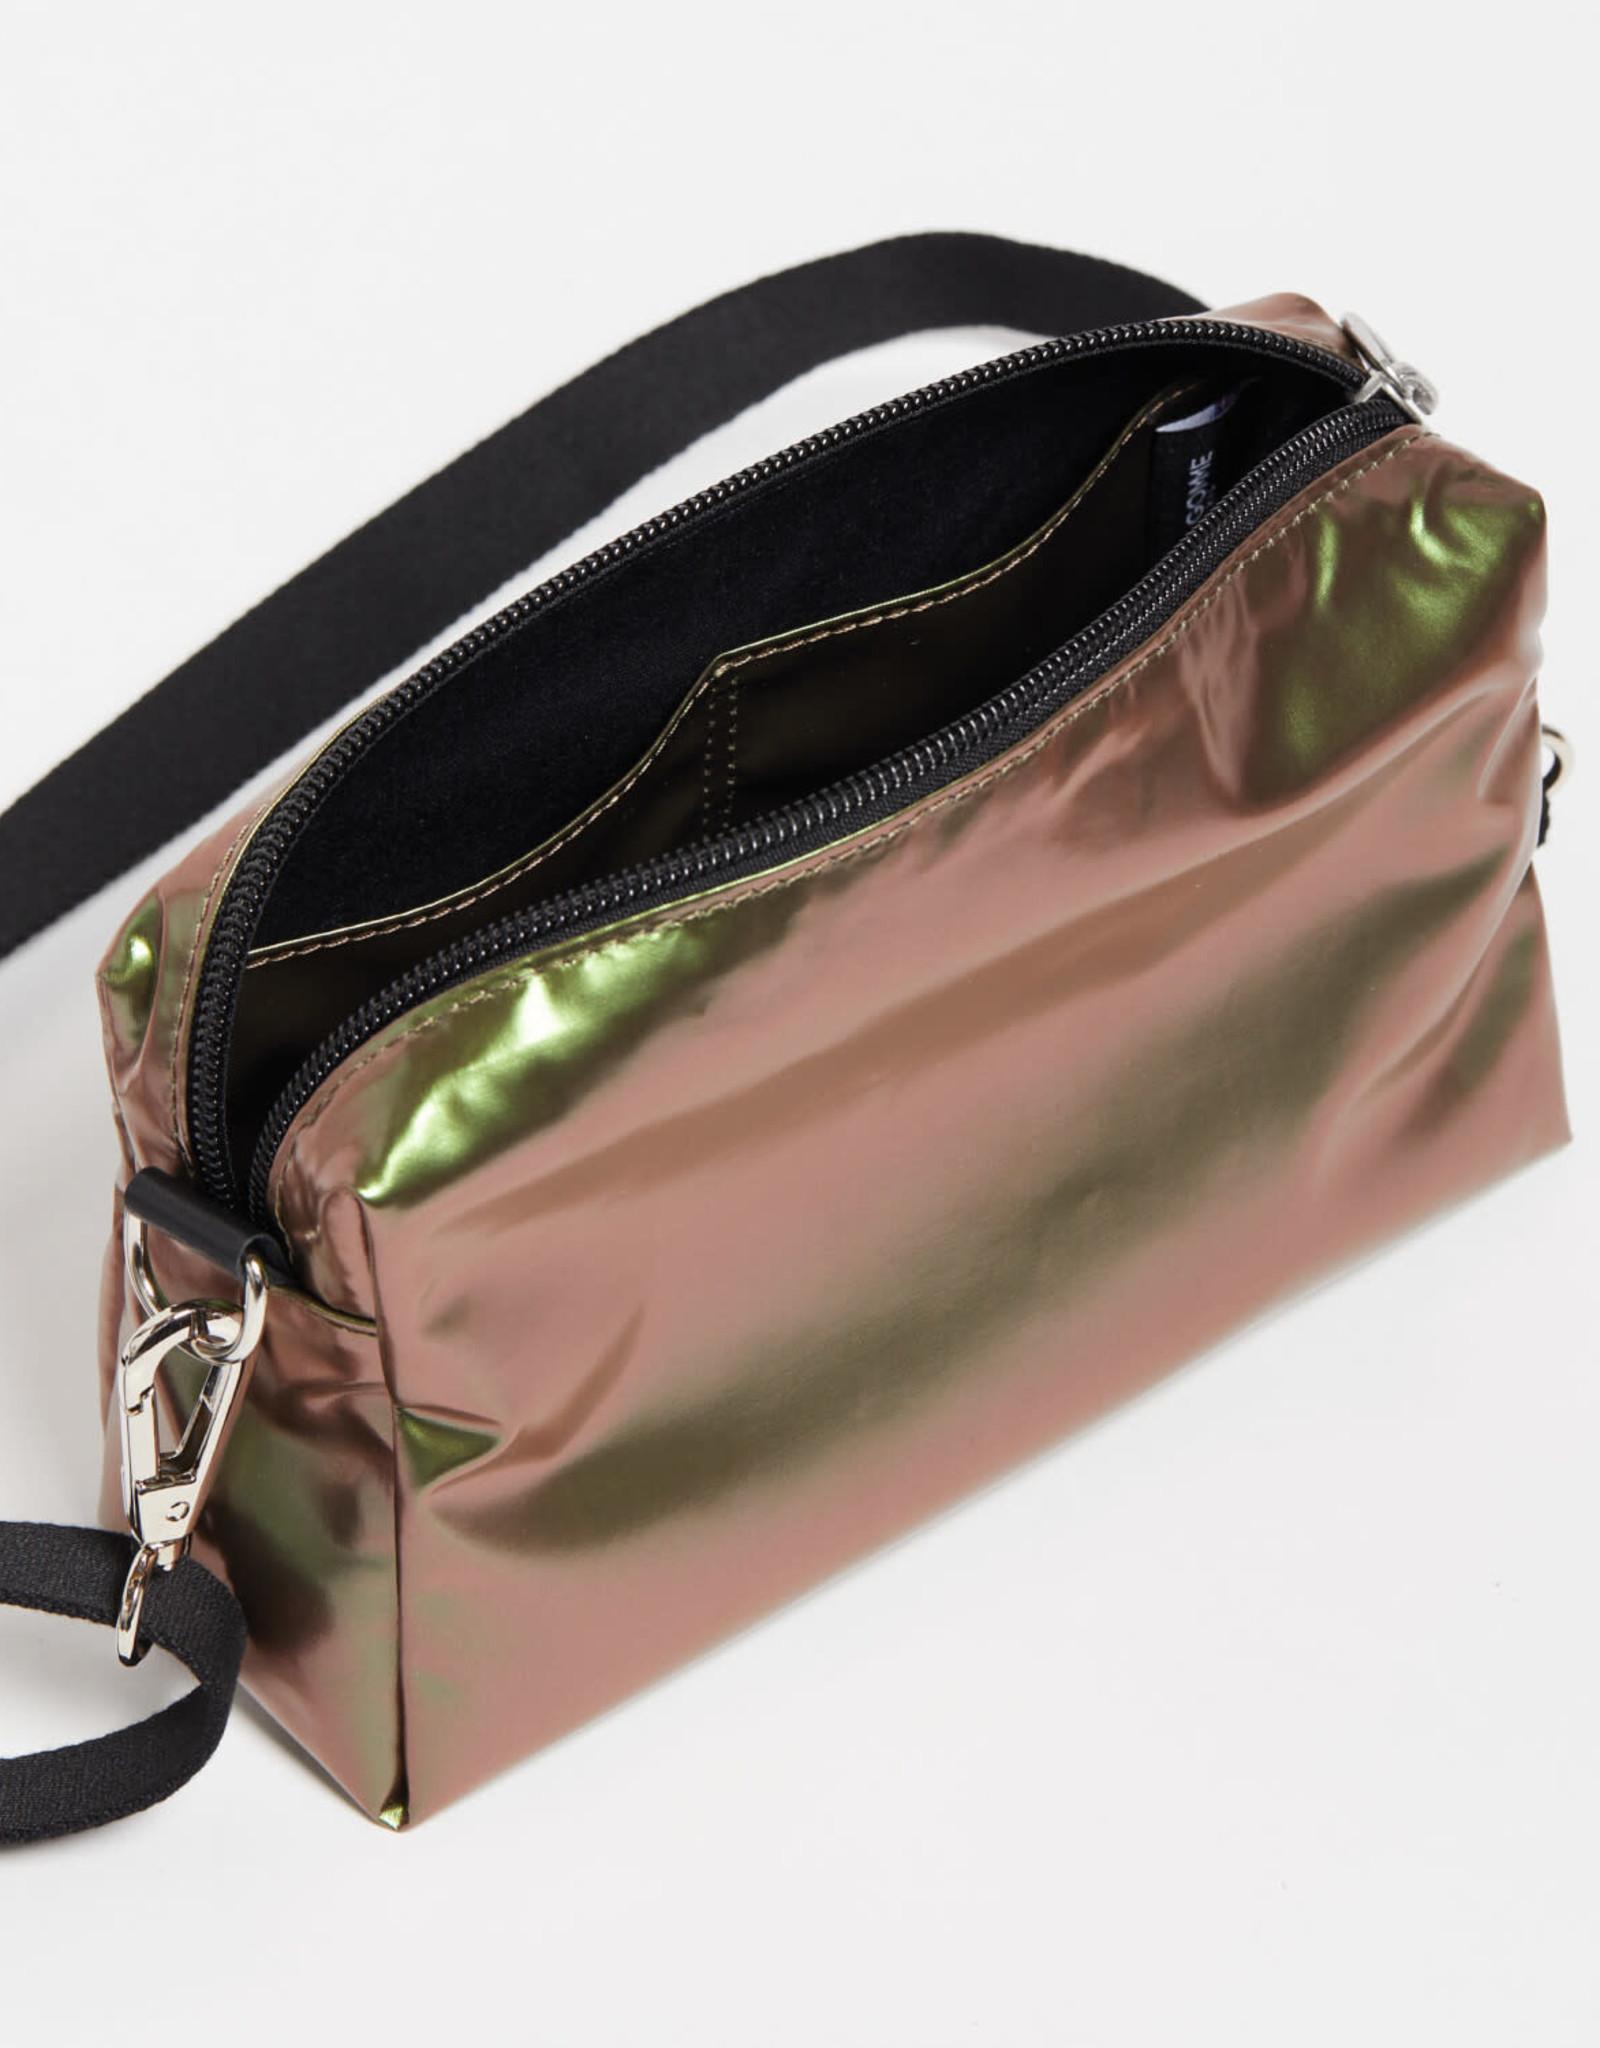 JACK GOMME Mini Shoulder Bag